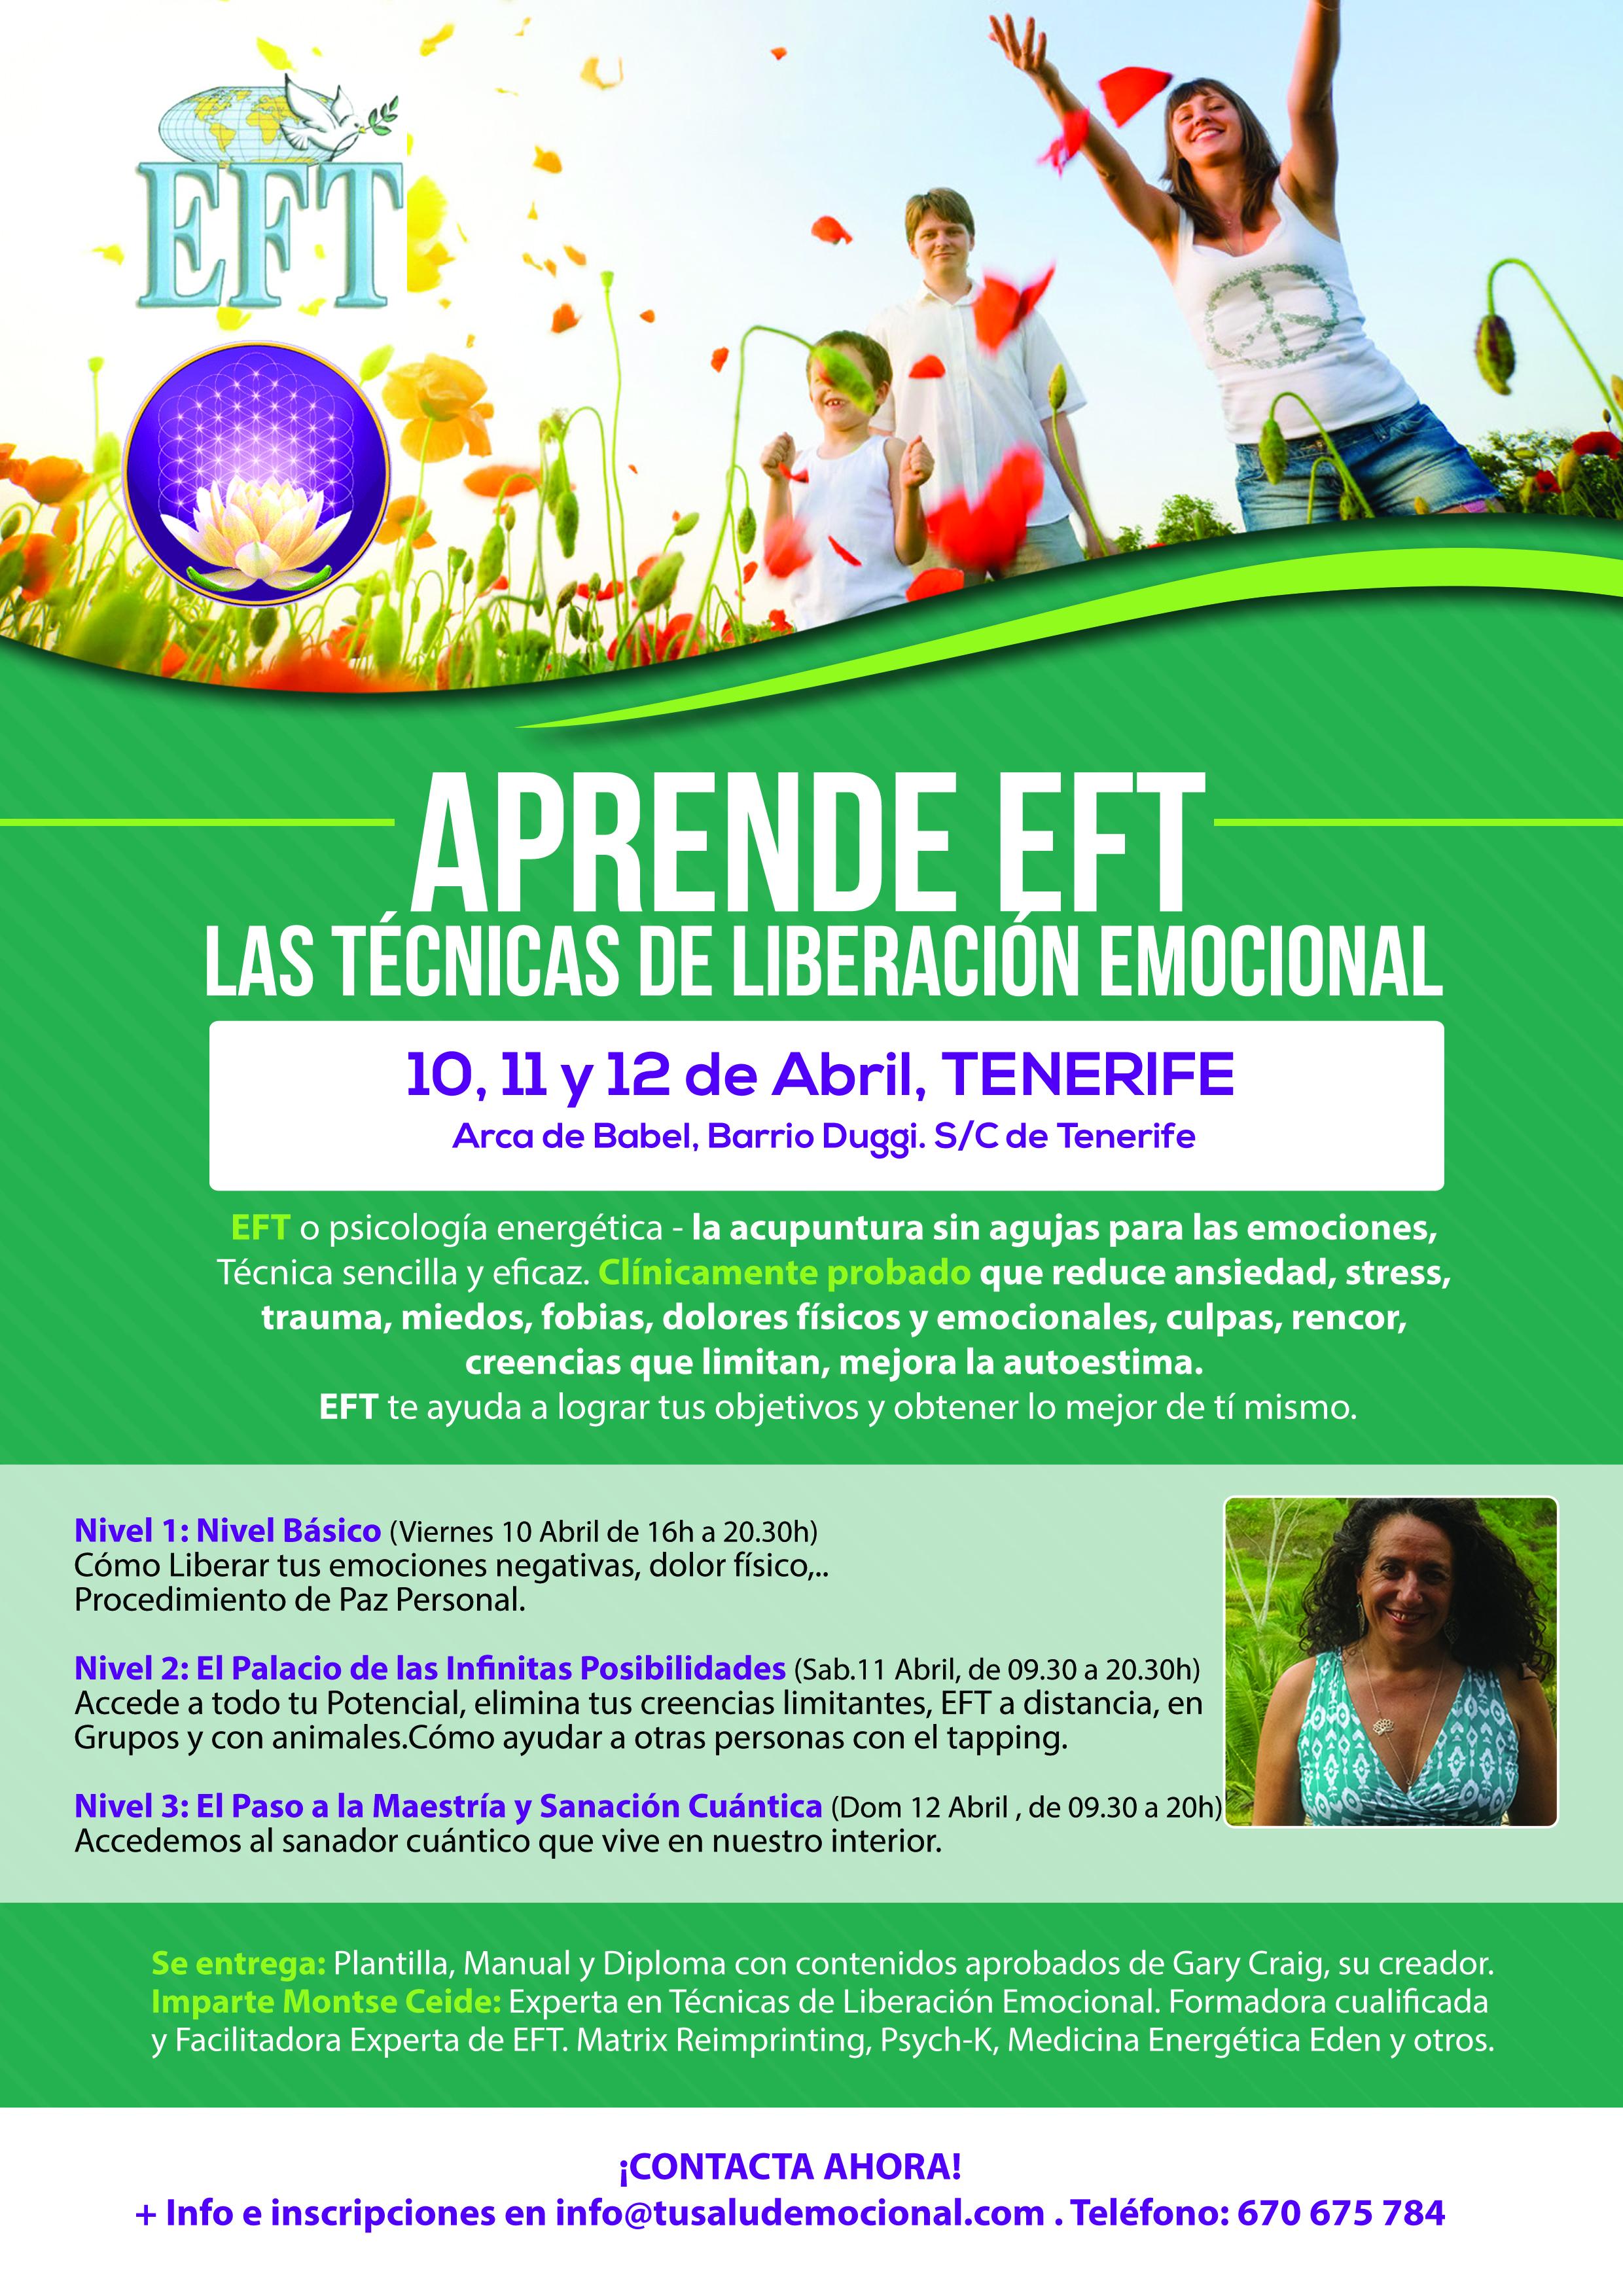 Formación EFT en Tenerife 10, 11 y 12 de Abril